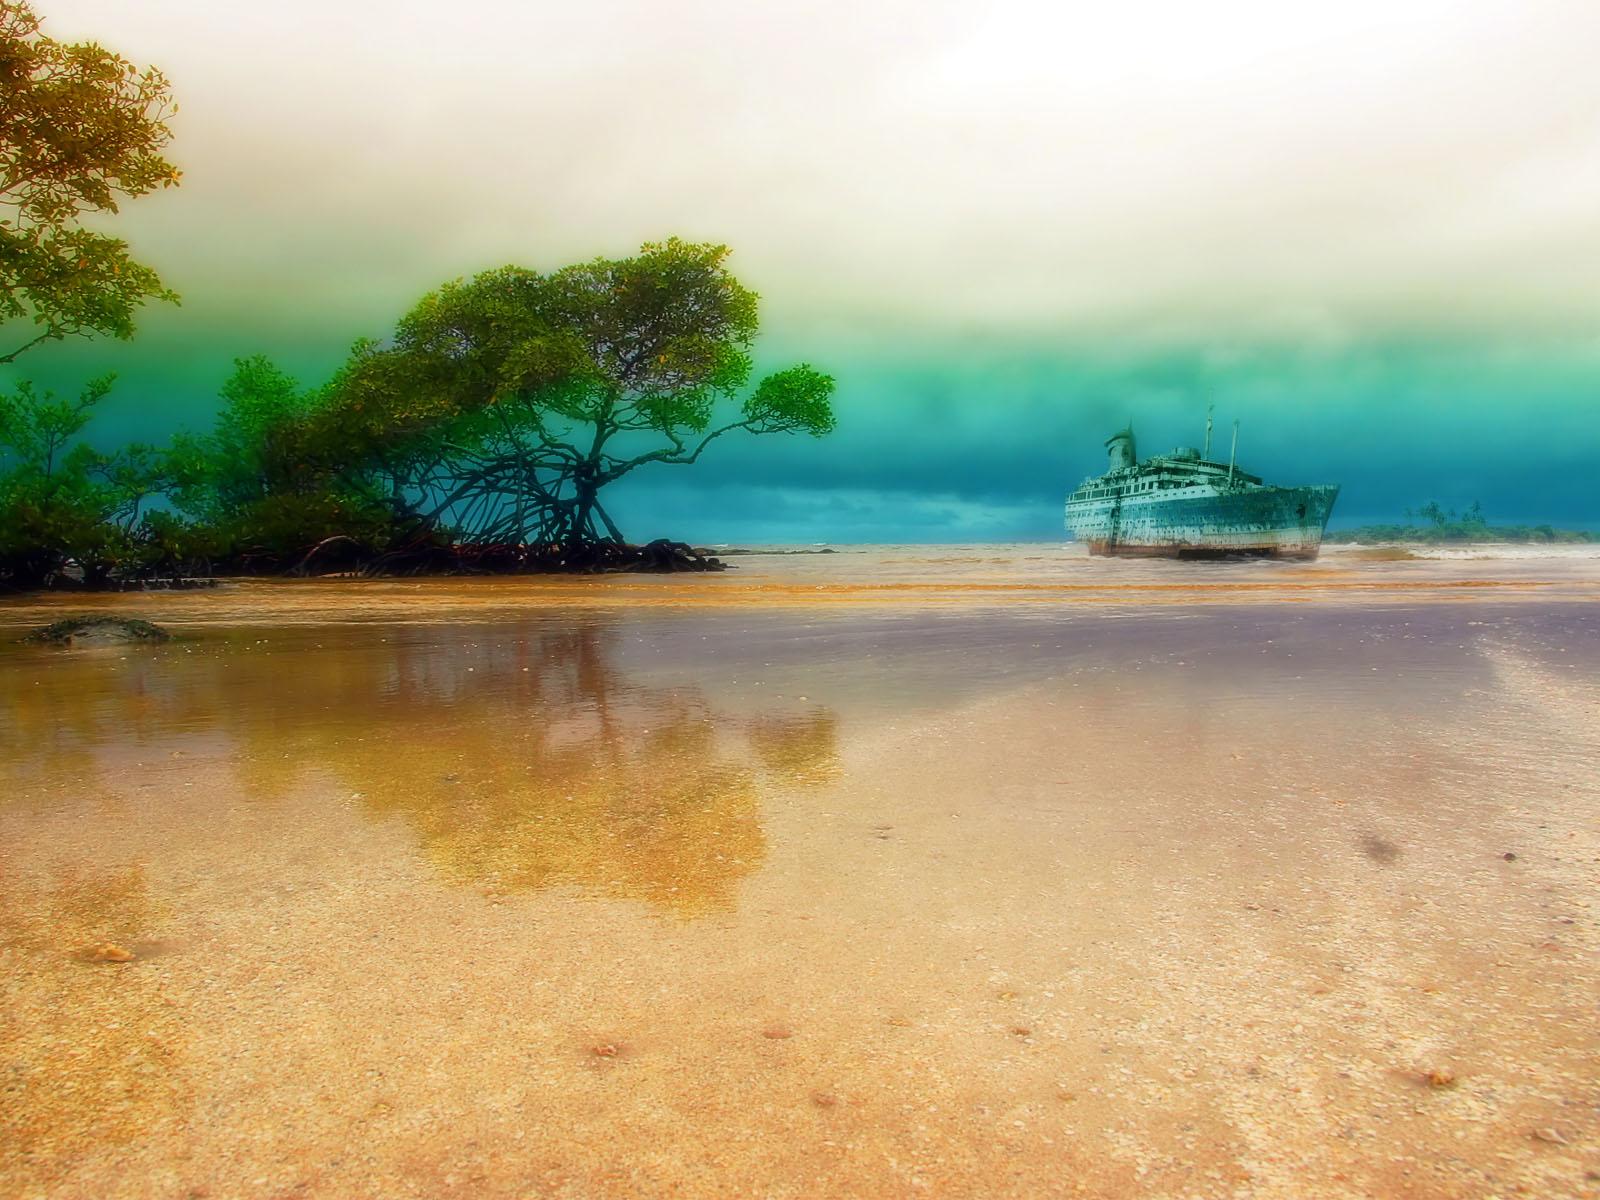 Fotografía - Playa  Tropico Mangrove Fondo de Pantalla